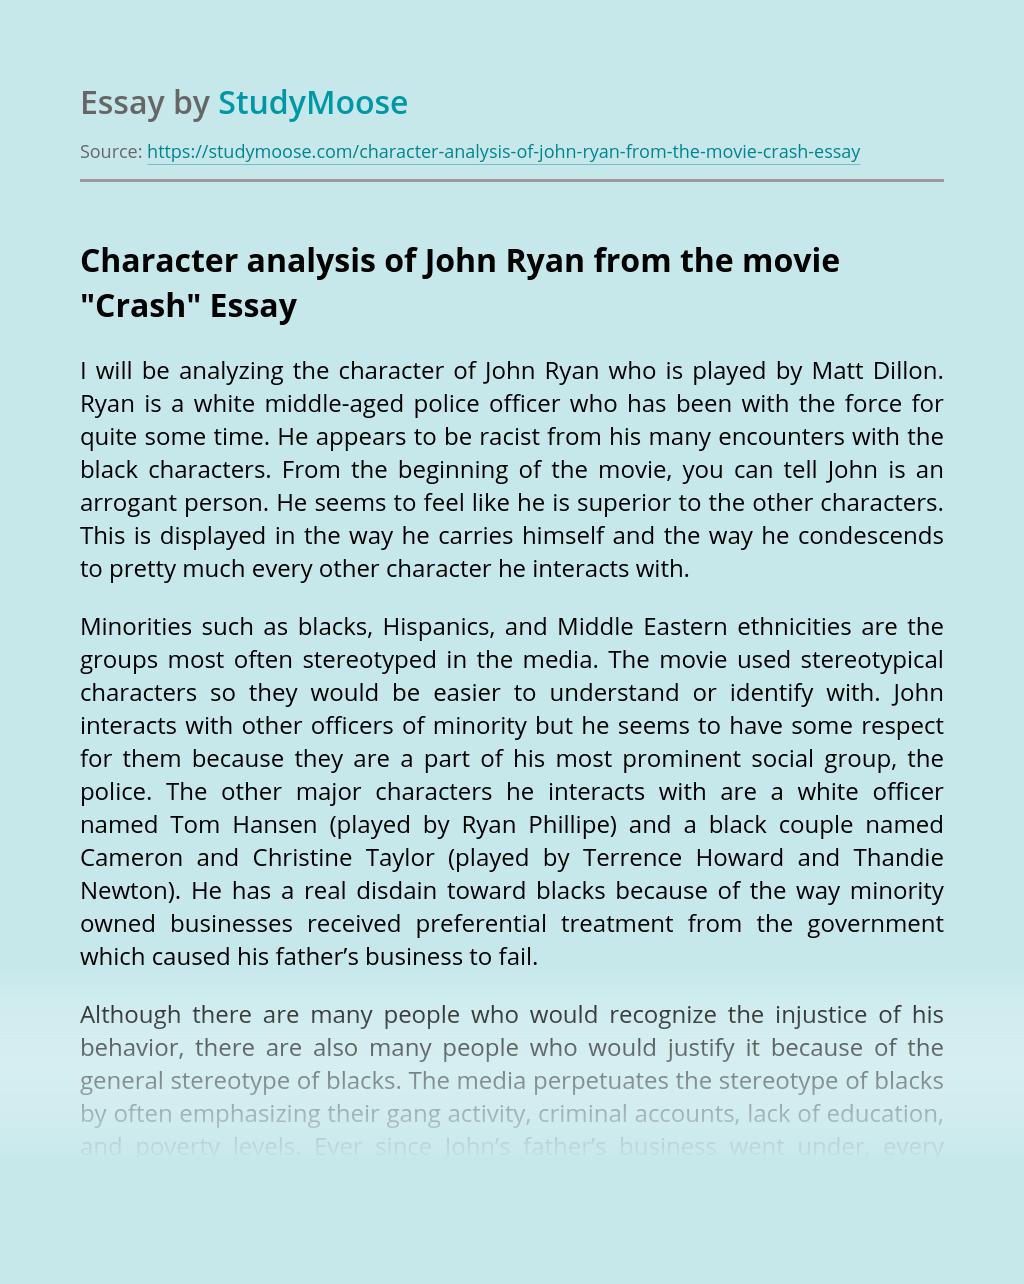 """Character analysis of John Ryan from the movie """"Crash"""""""